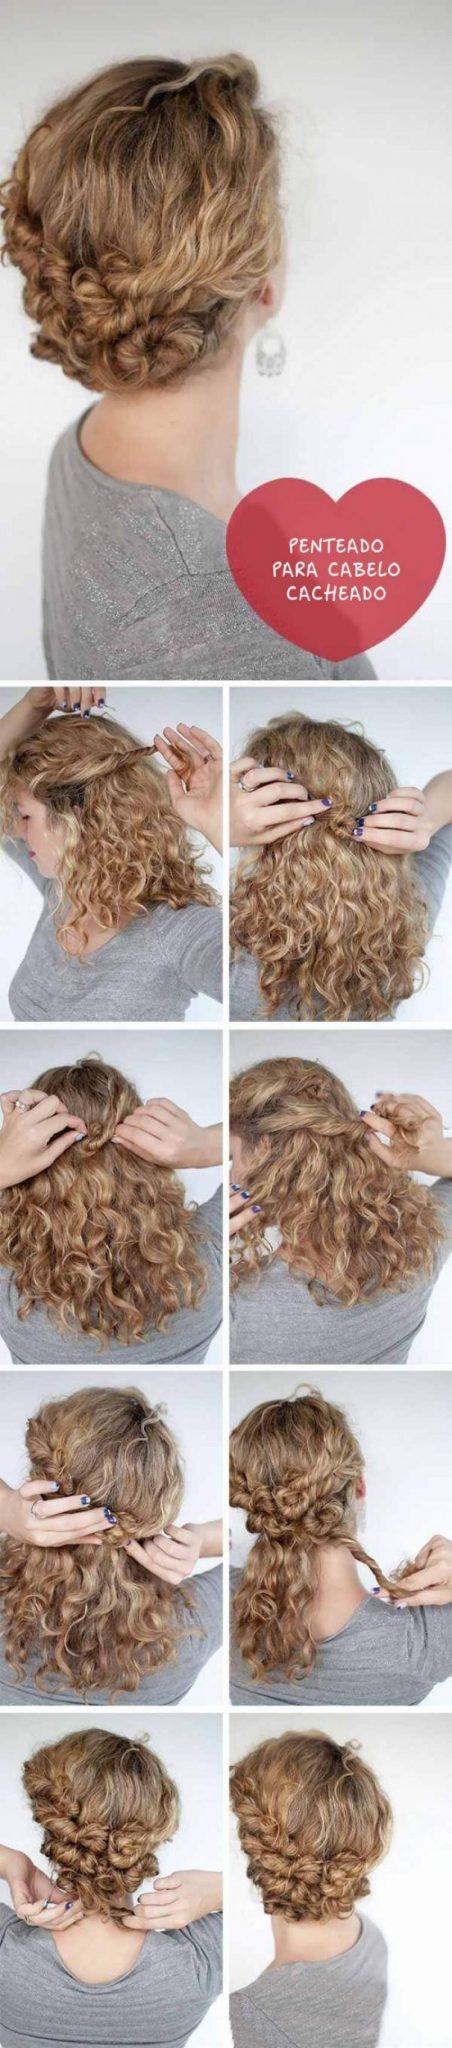 rolinhos delicados para cabelos cacheados e curtos